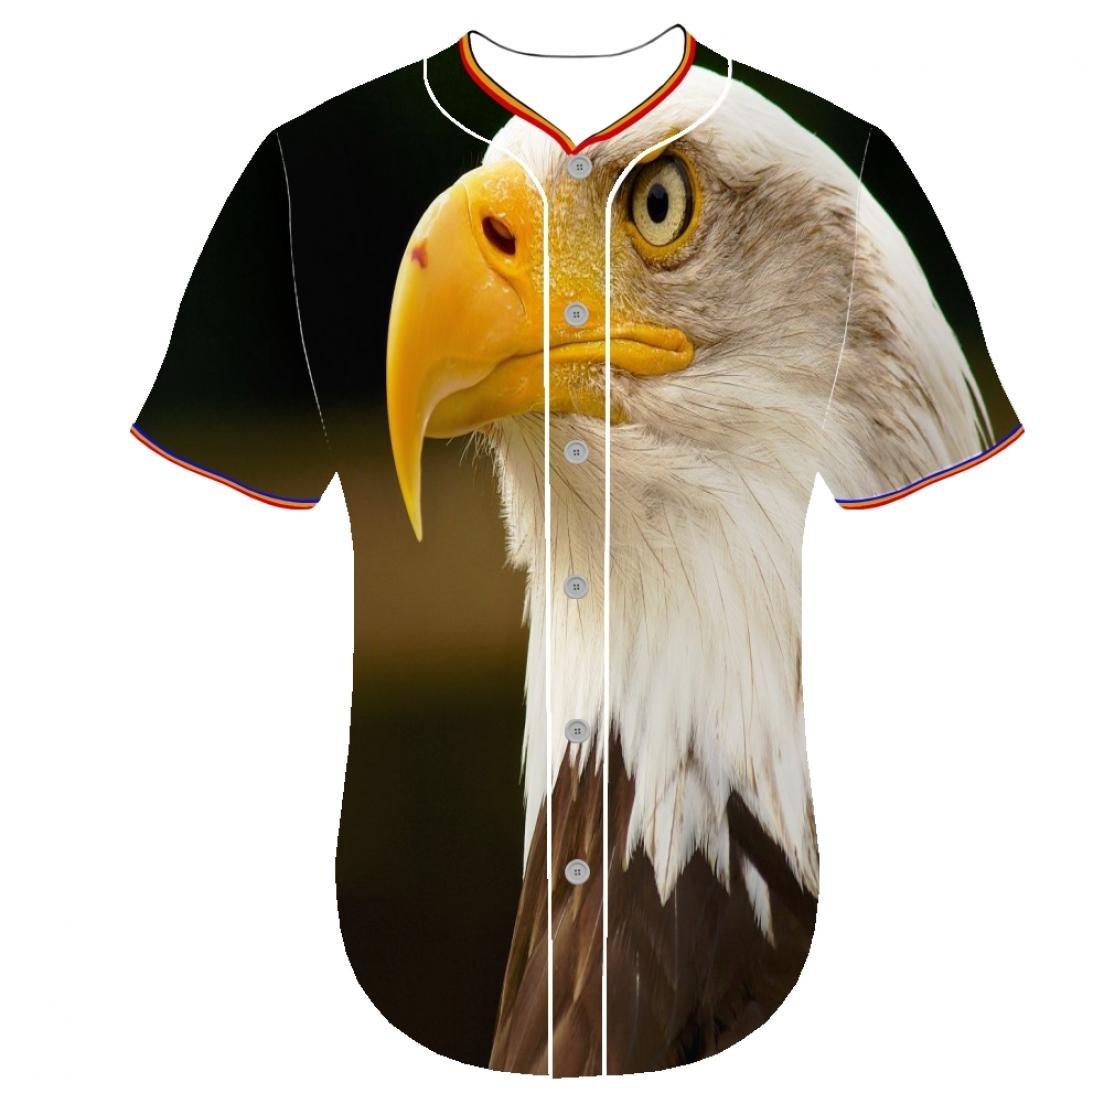 ボタンフロントシャツYouth 3d印刷カスタマイズされたラウンドカラーfeusen 3dプリントTシャツ野球チームジャージジャージBald Eagle ejgy B079HTKRZ2